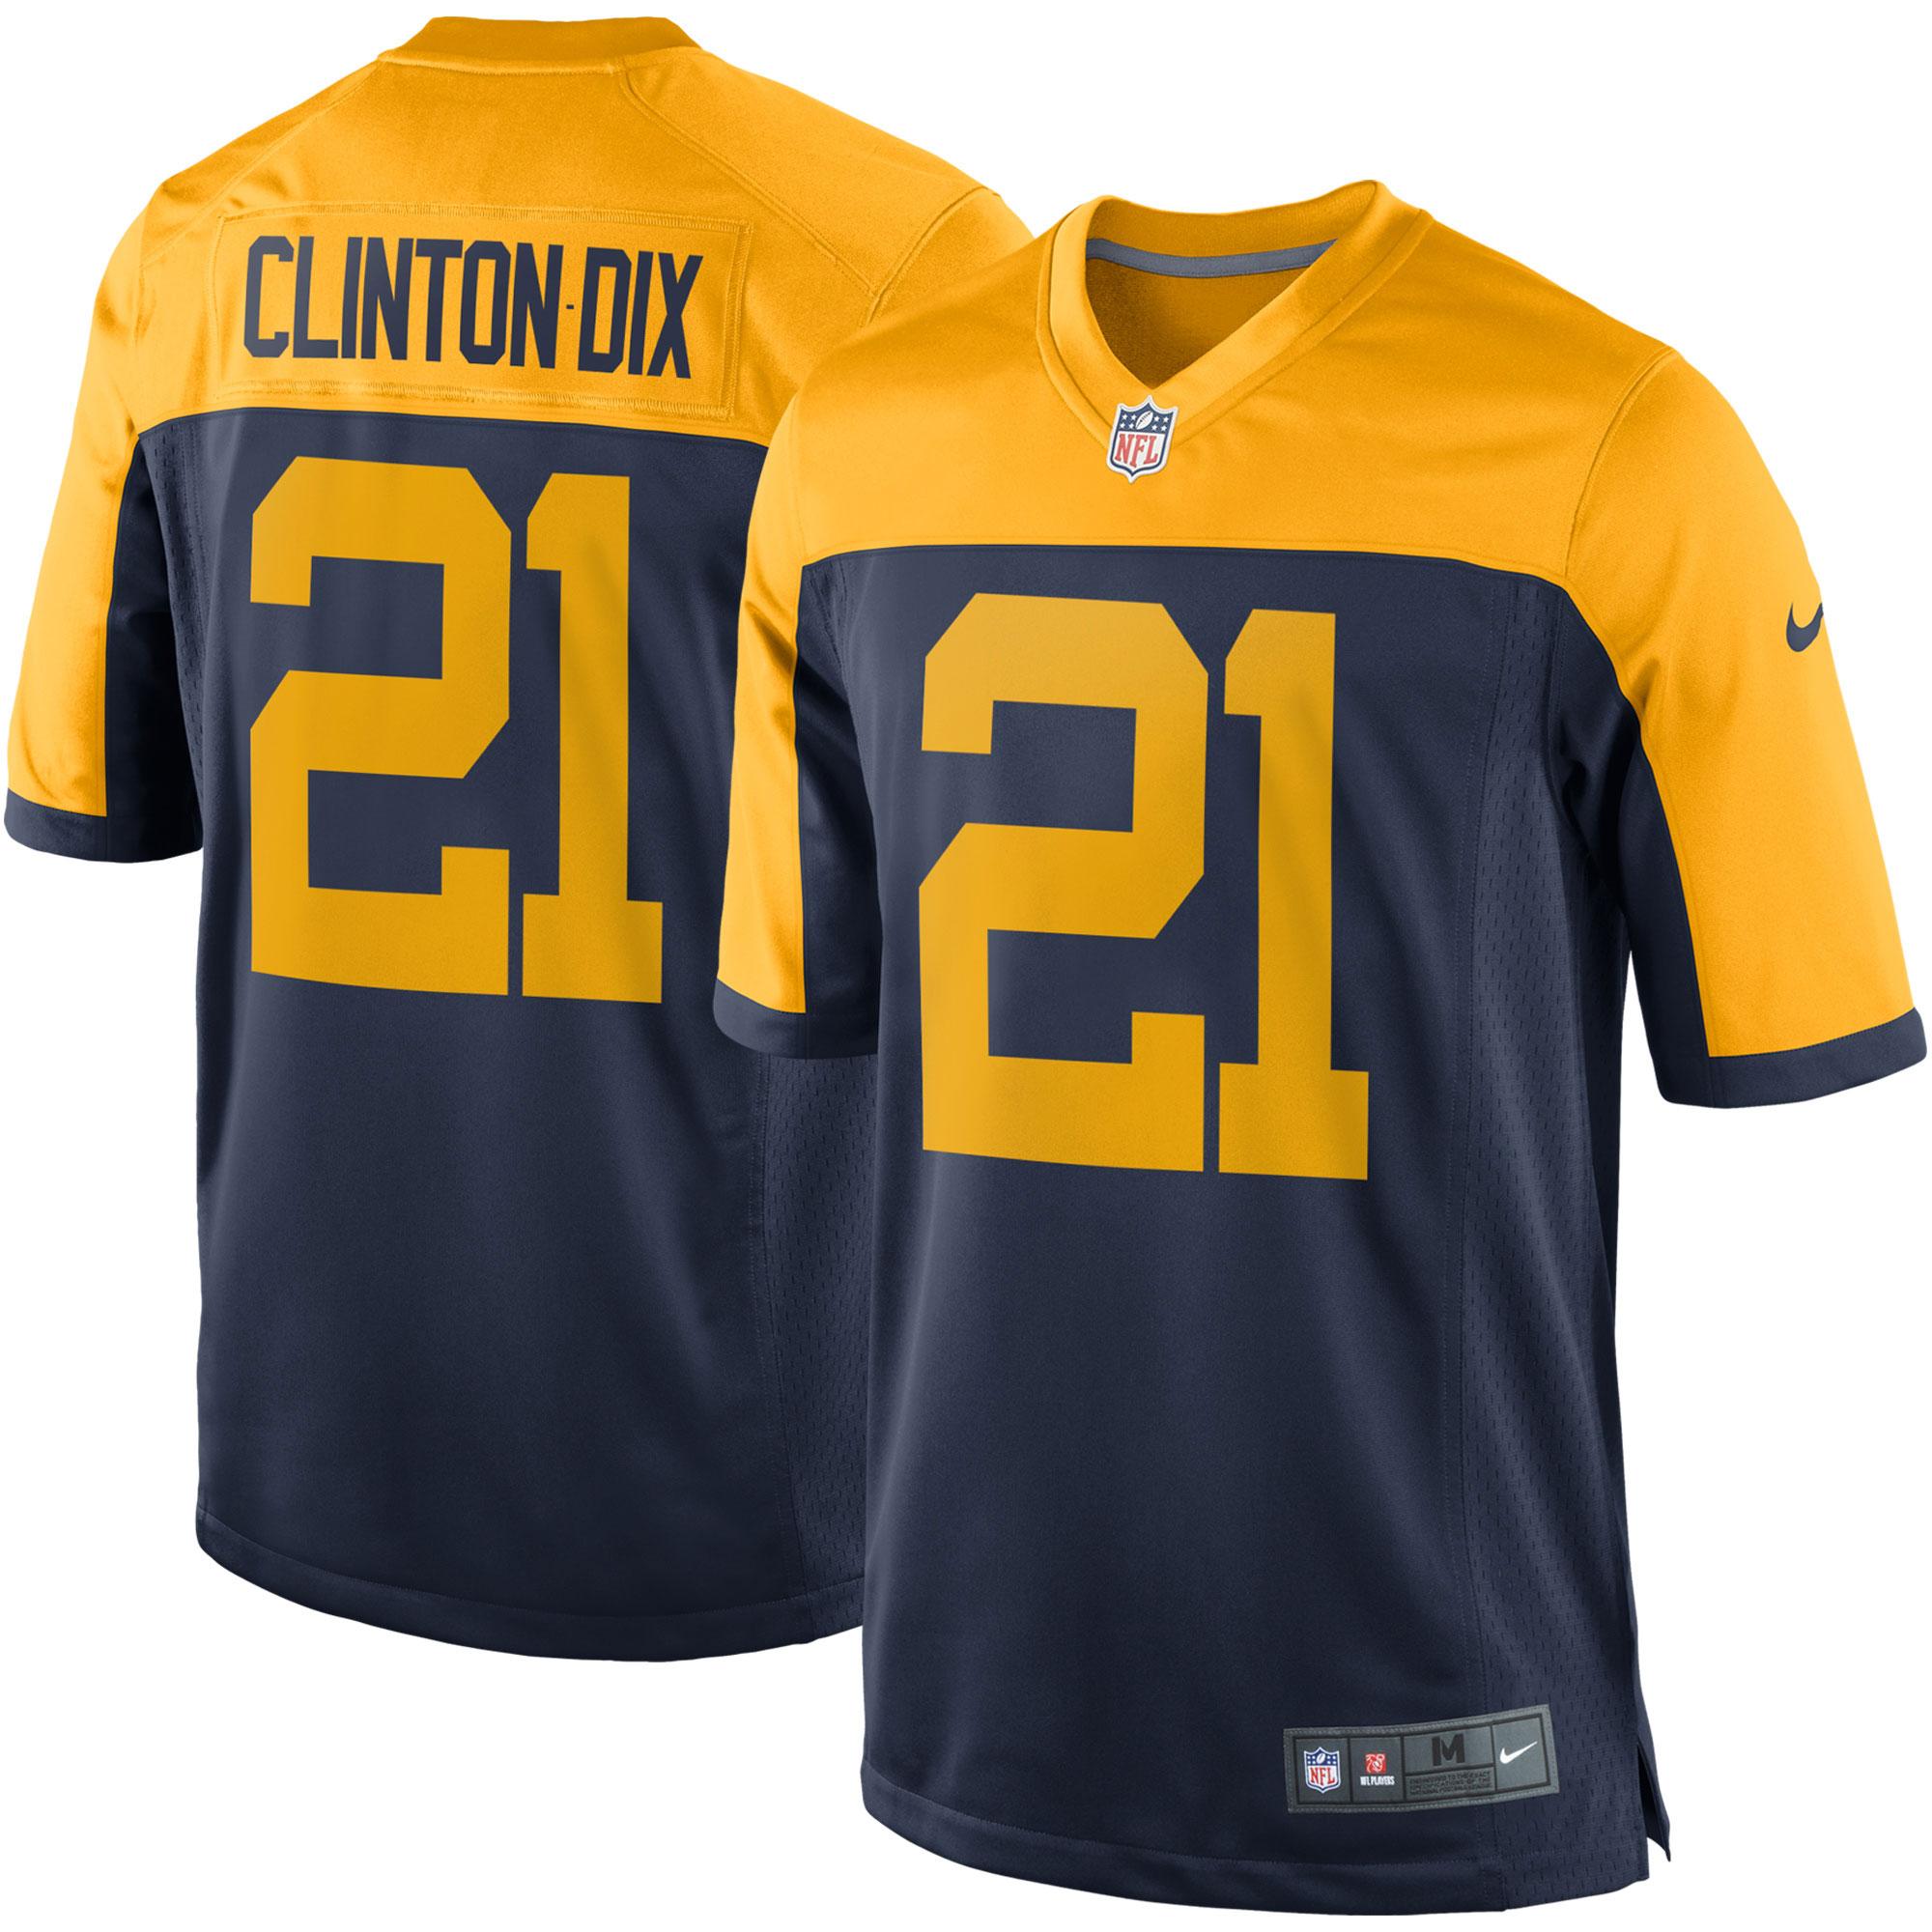 Green Bay Packers Ausweichtrikot - Ha Ha Clinton-Dix - Jugendliche